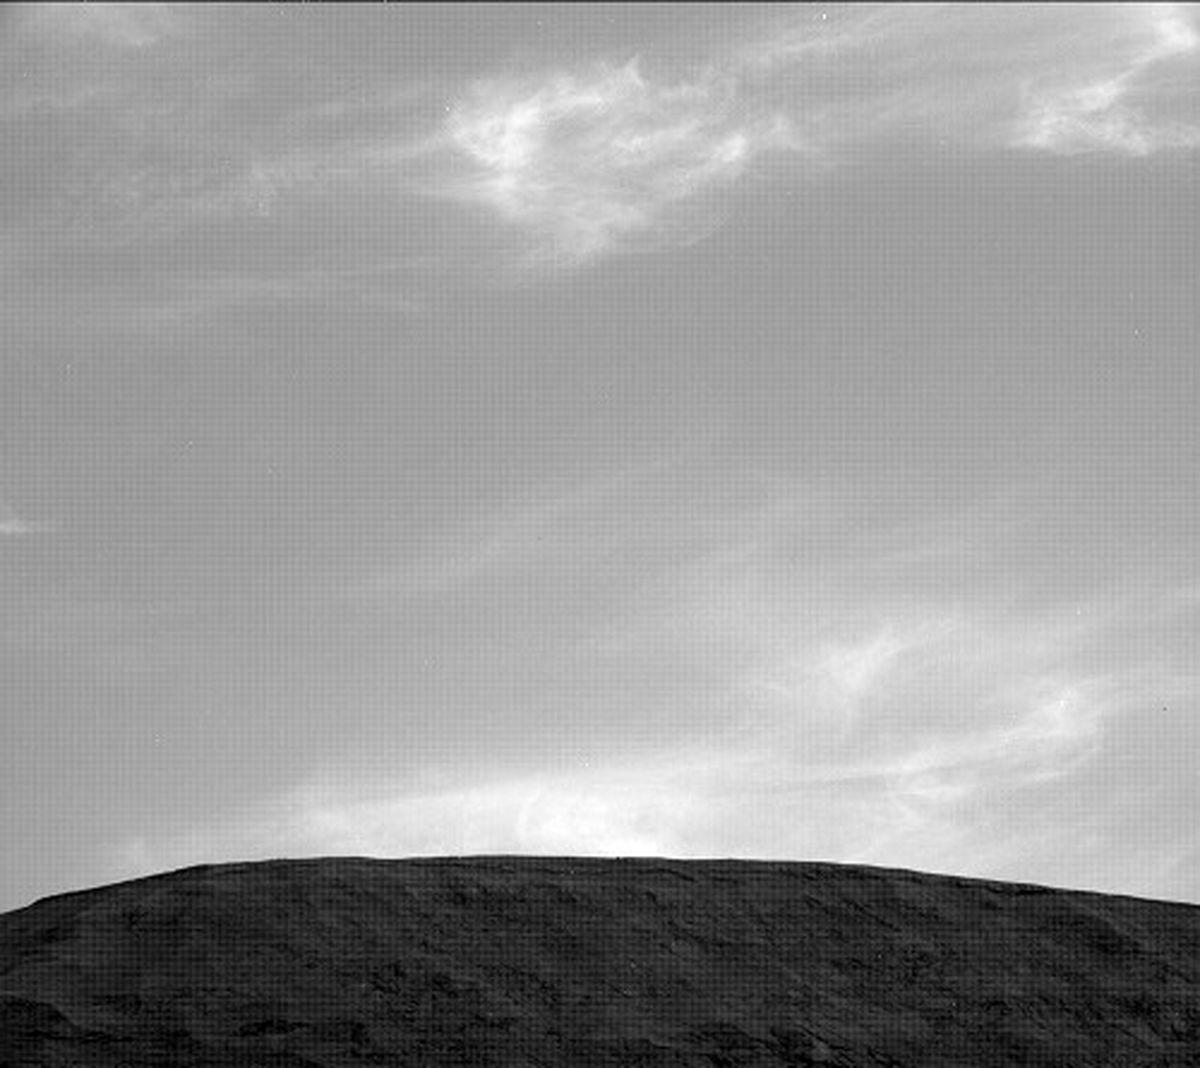 جدیدترین تصاویر فضا نوردان از سیاره سرخ